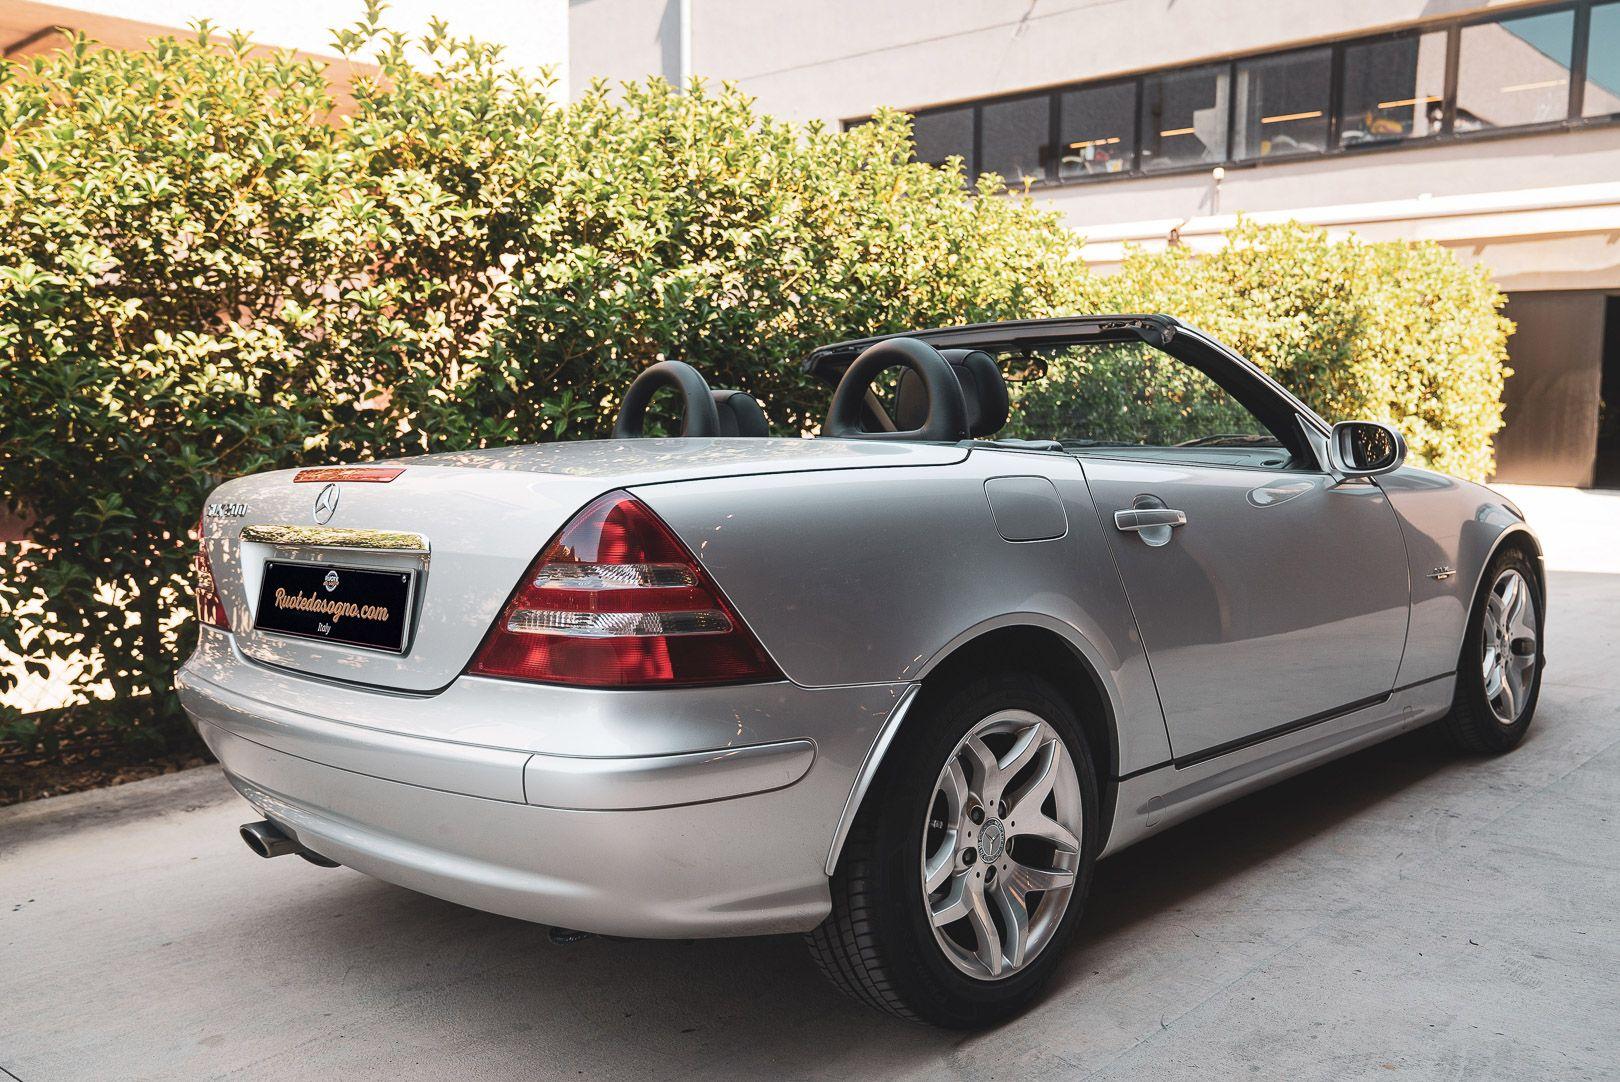 2004 Mercedes Benz 200 SLK Kompressor Special Edition 80711